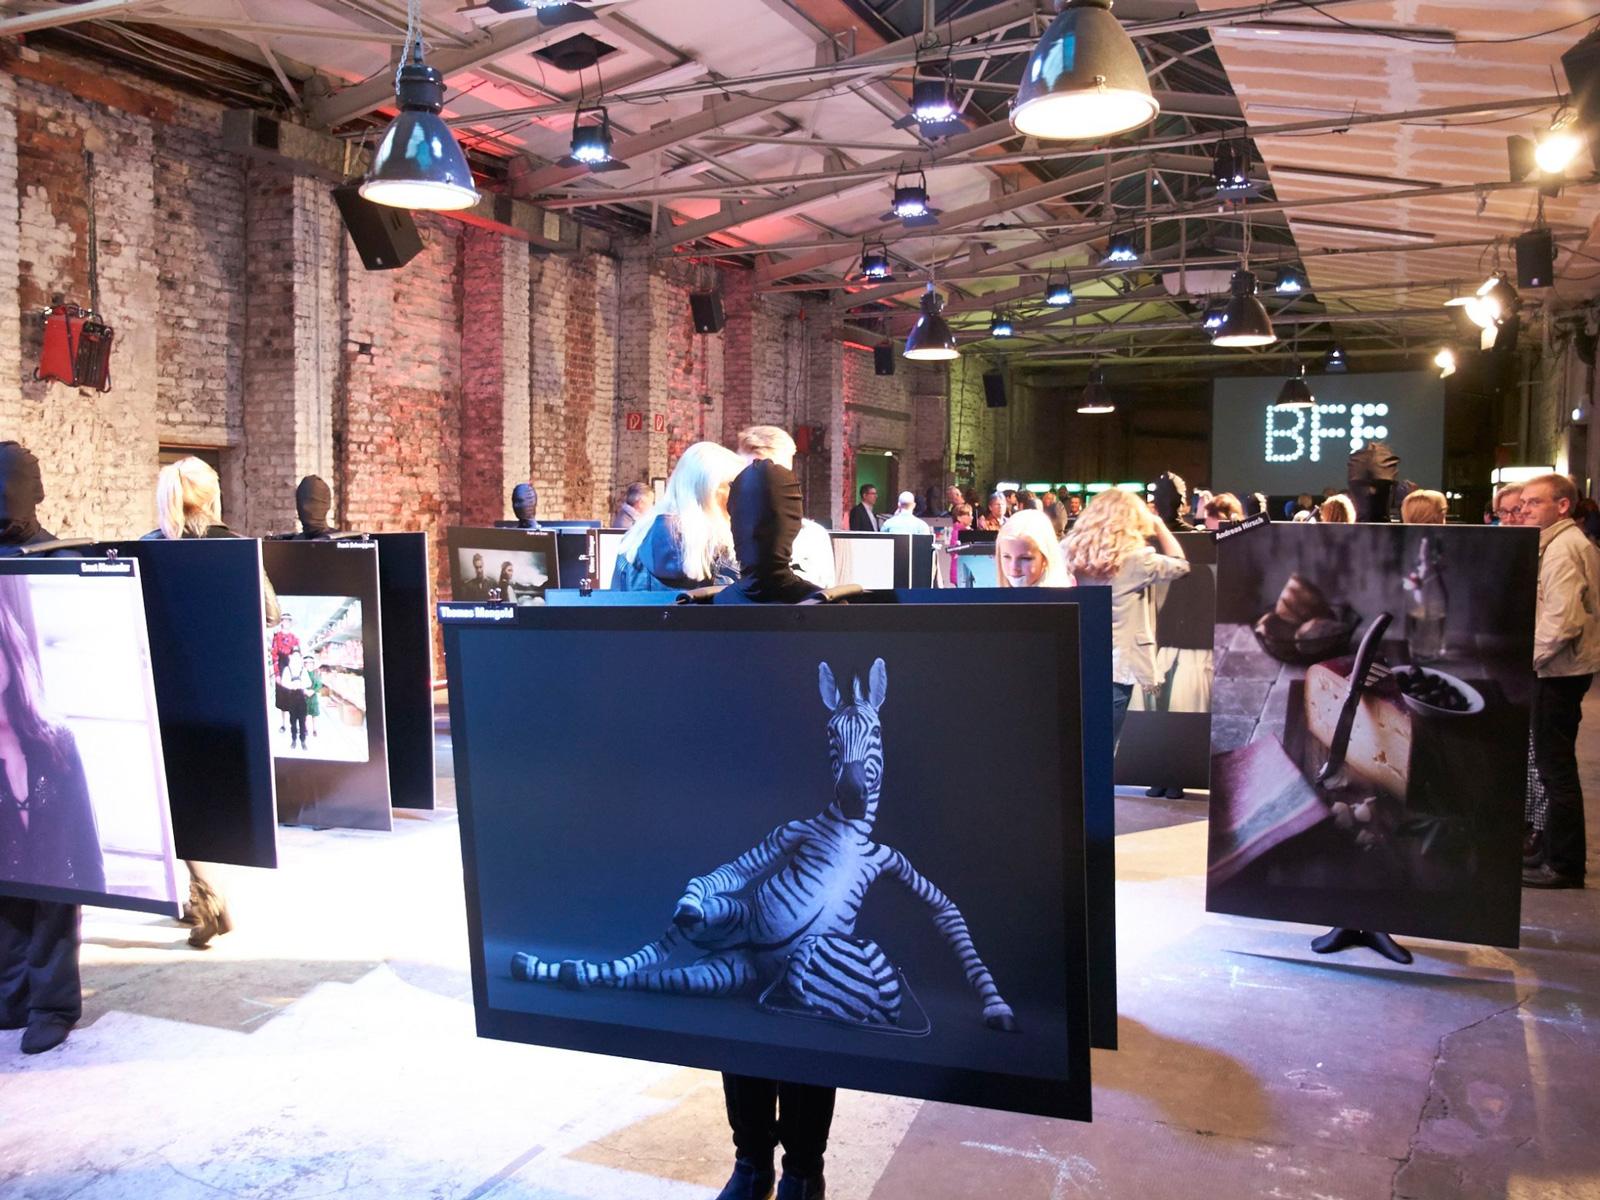 BFF_Jump-Ausstellung-Duesseldorf_13-2048x1536